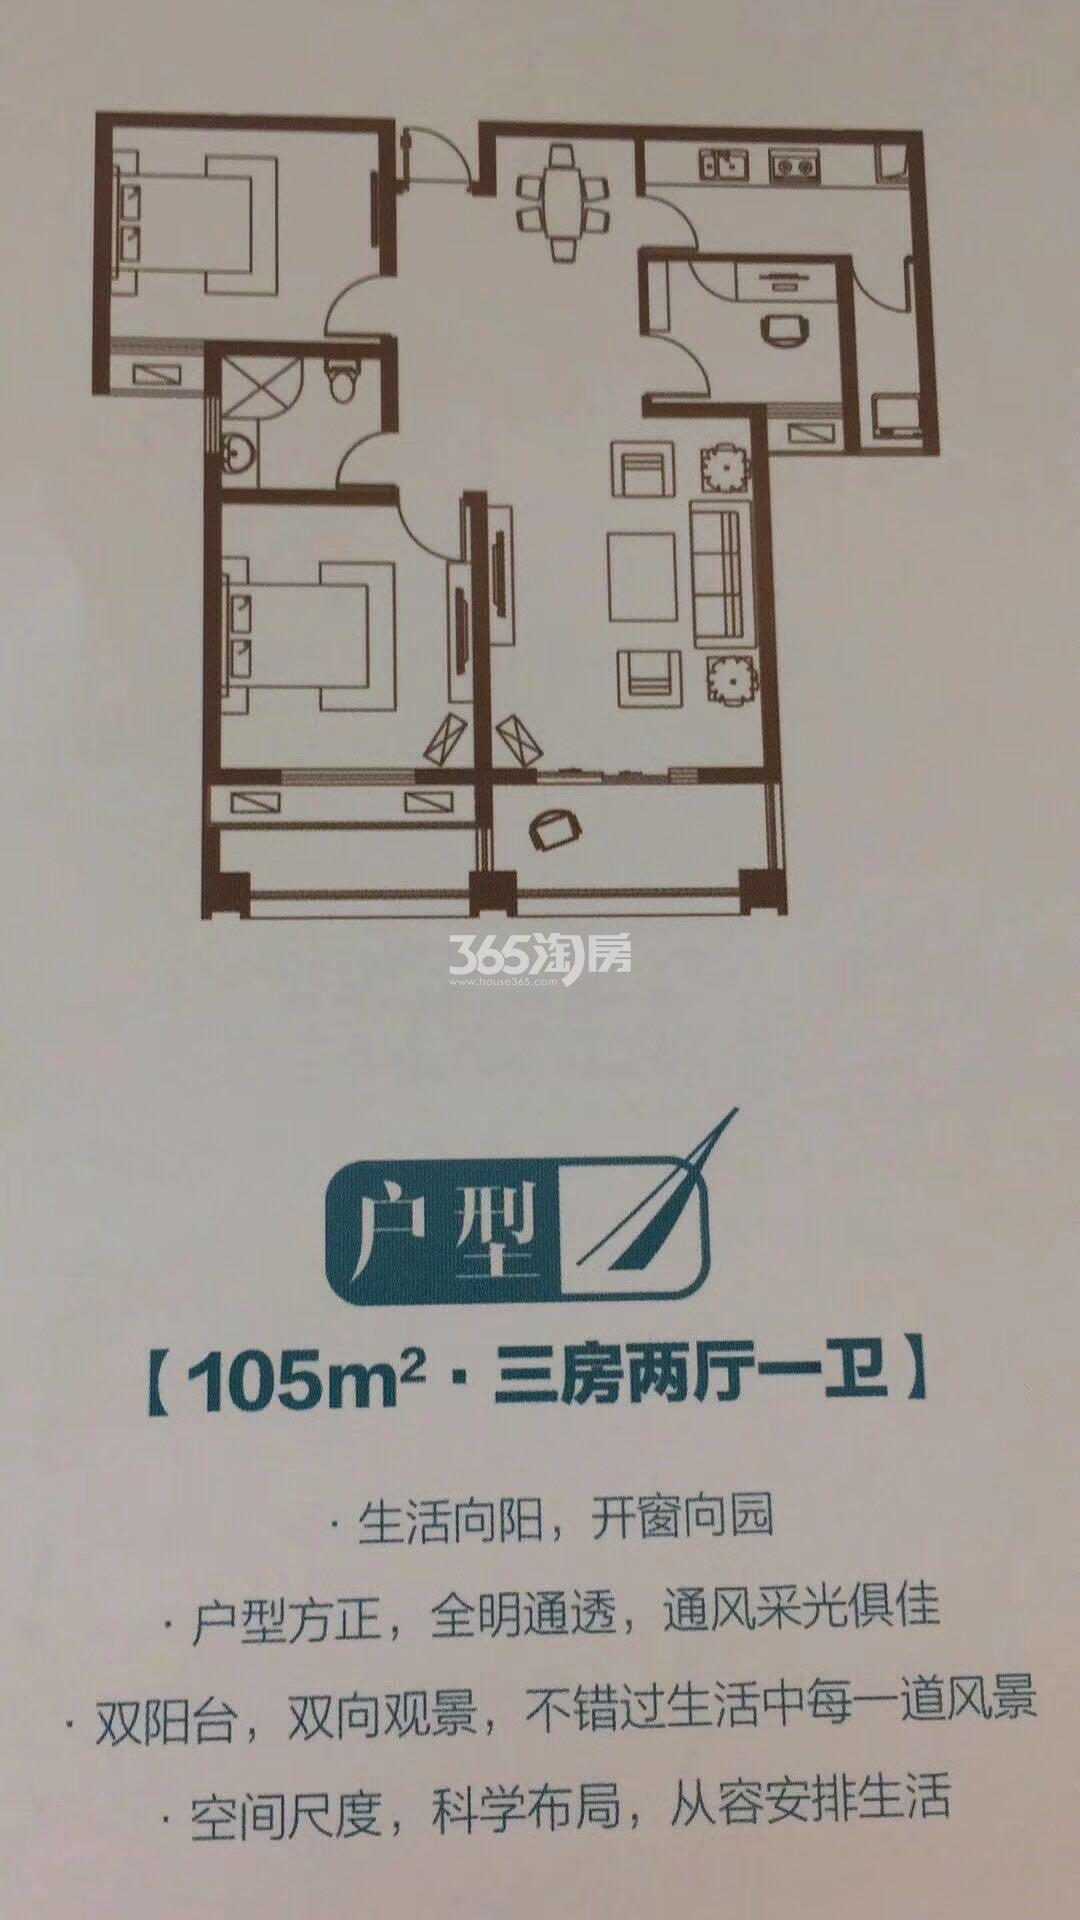 北江锦城105㎡户型图